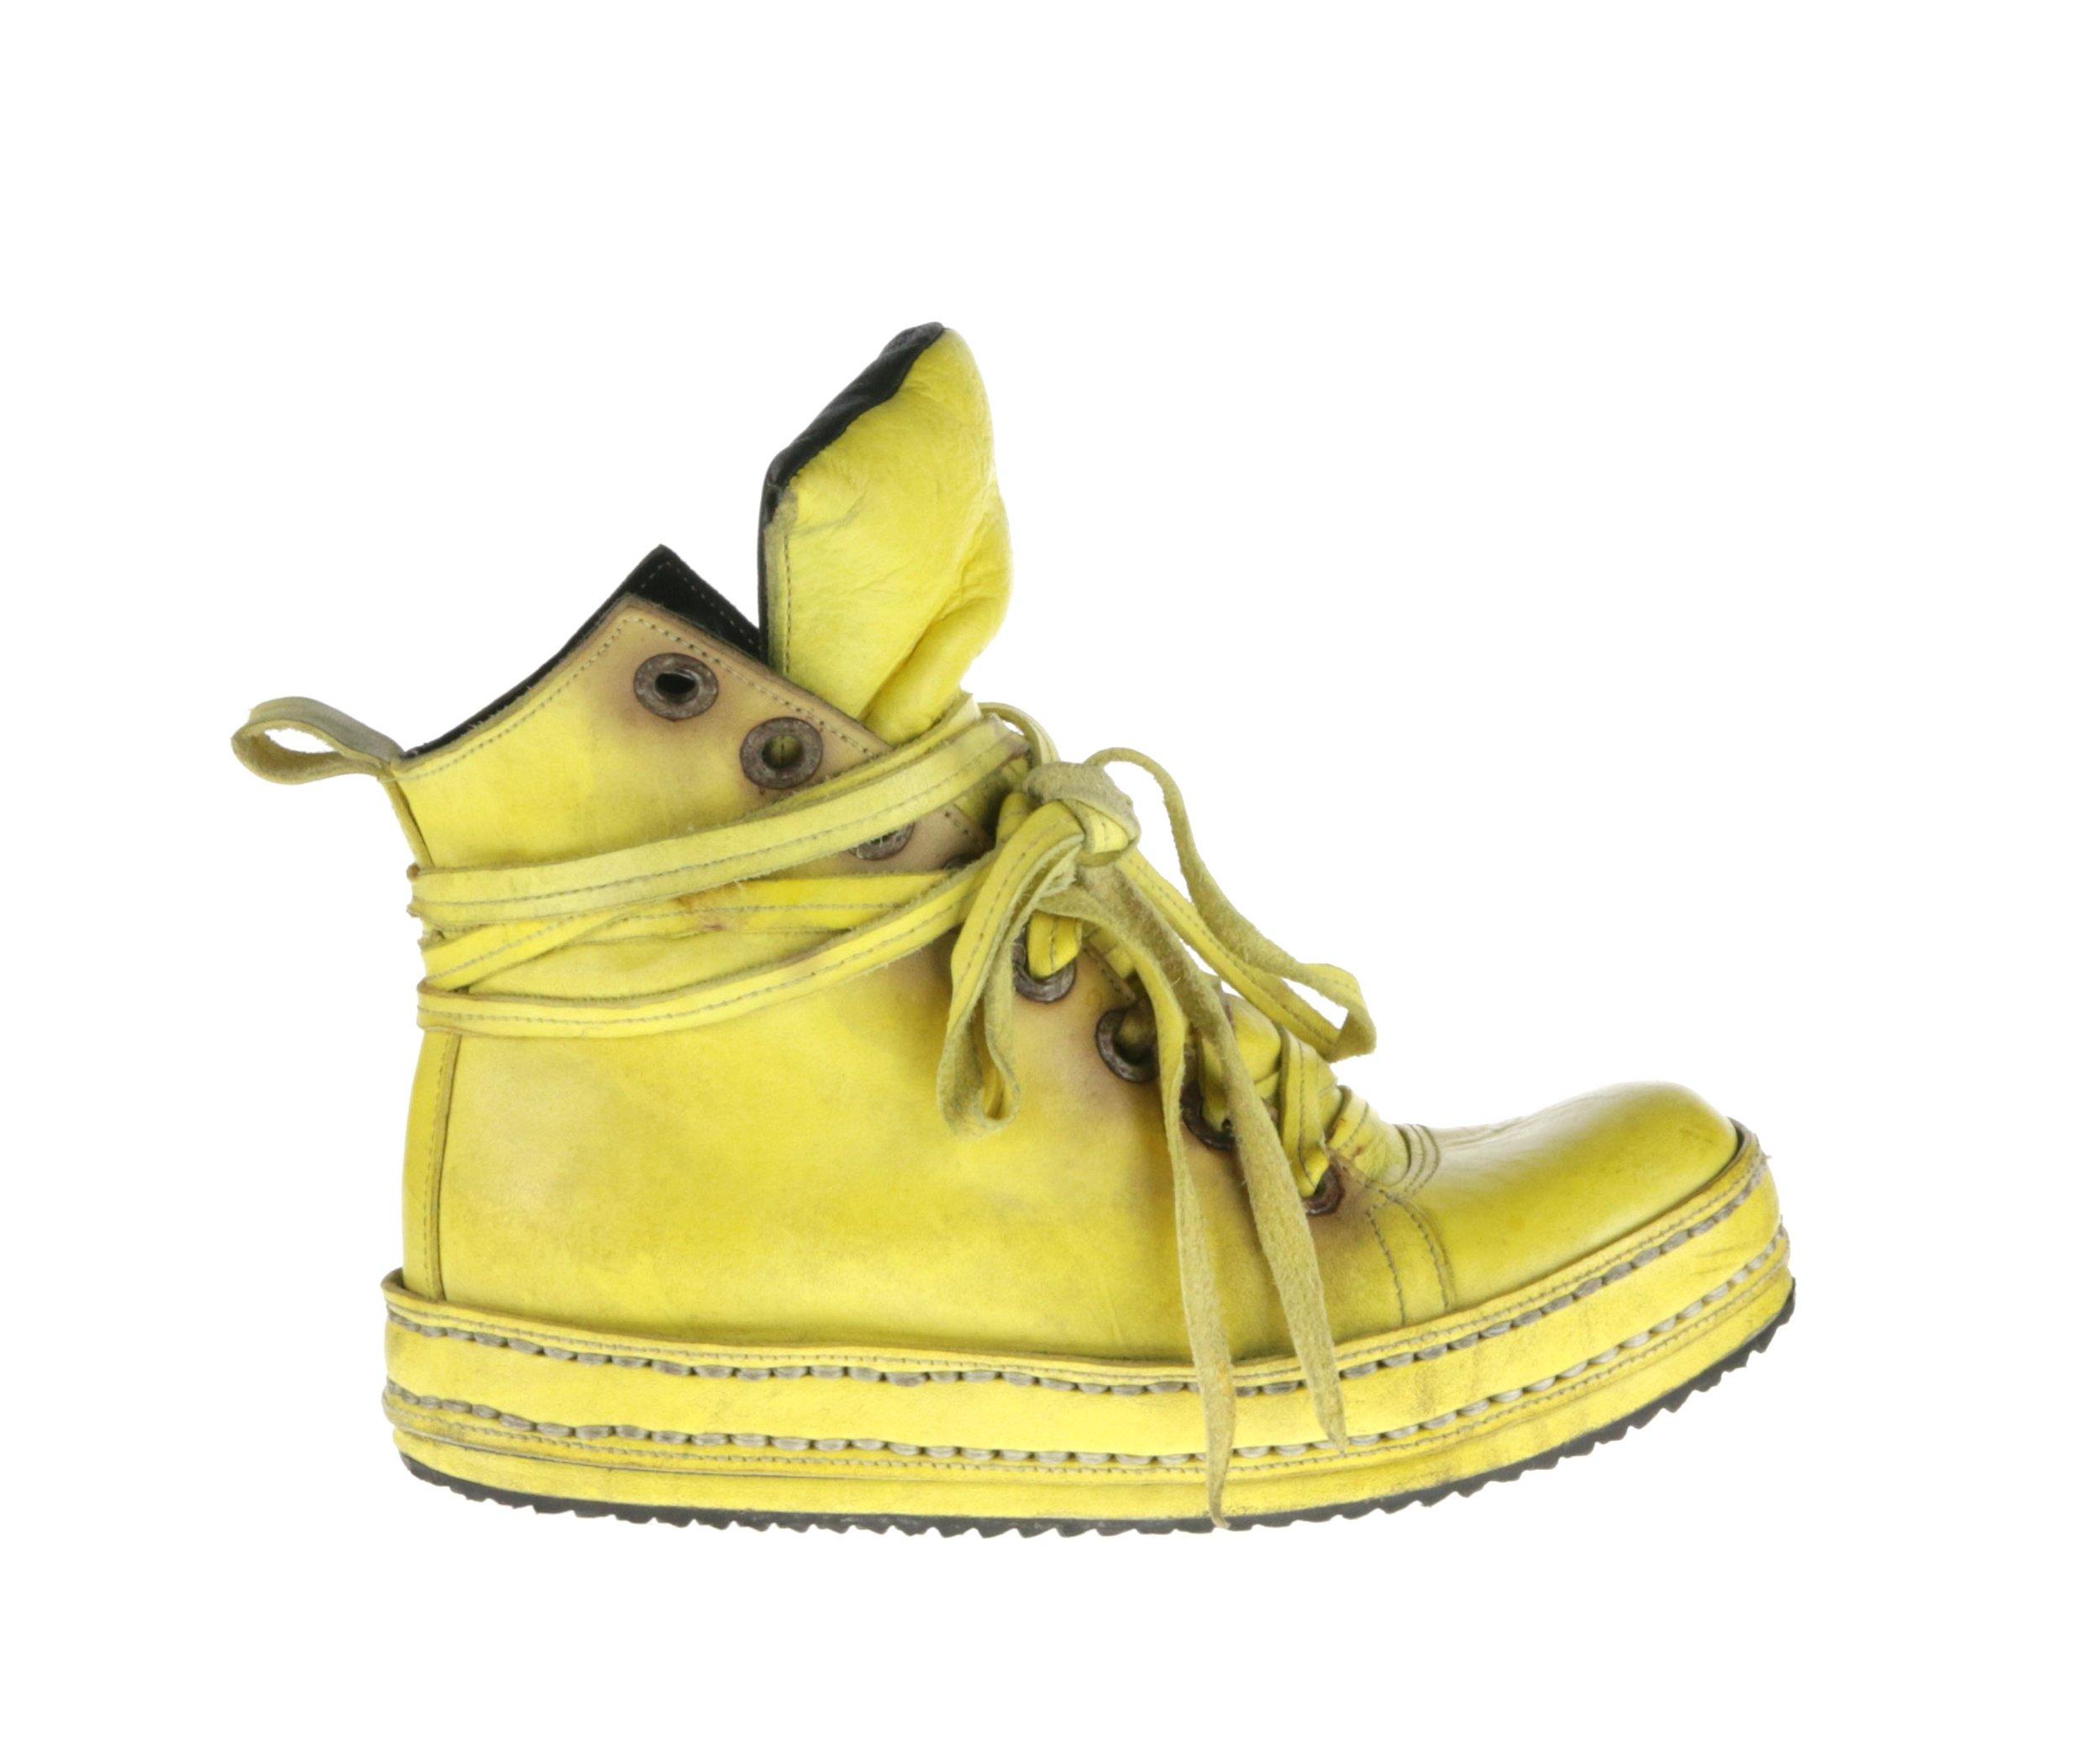 8Hole LBs Yellow